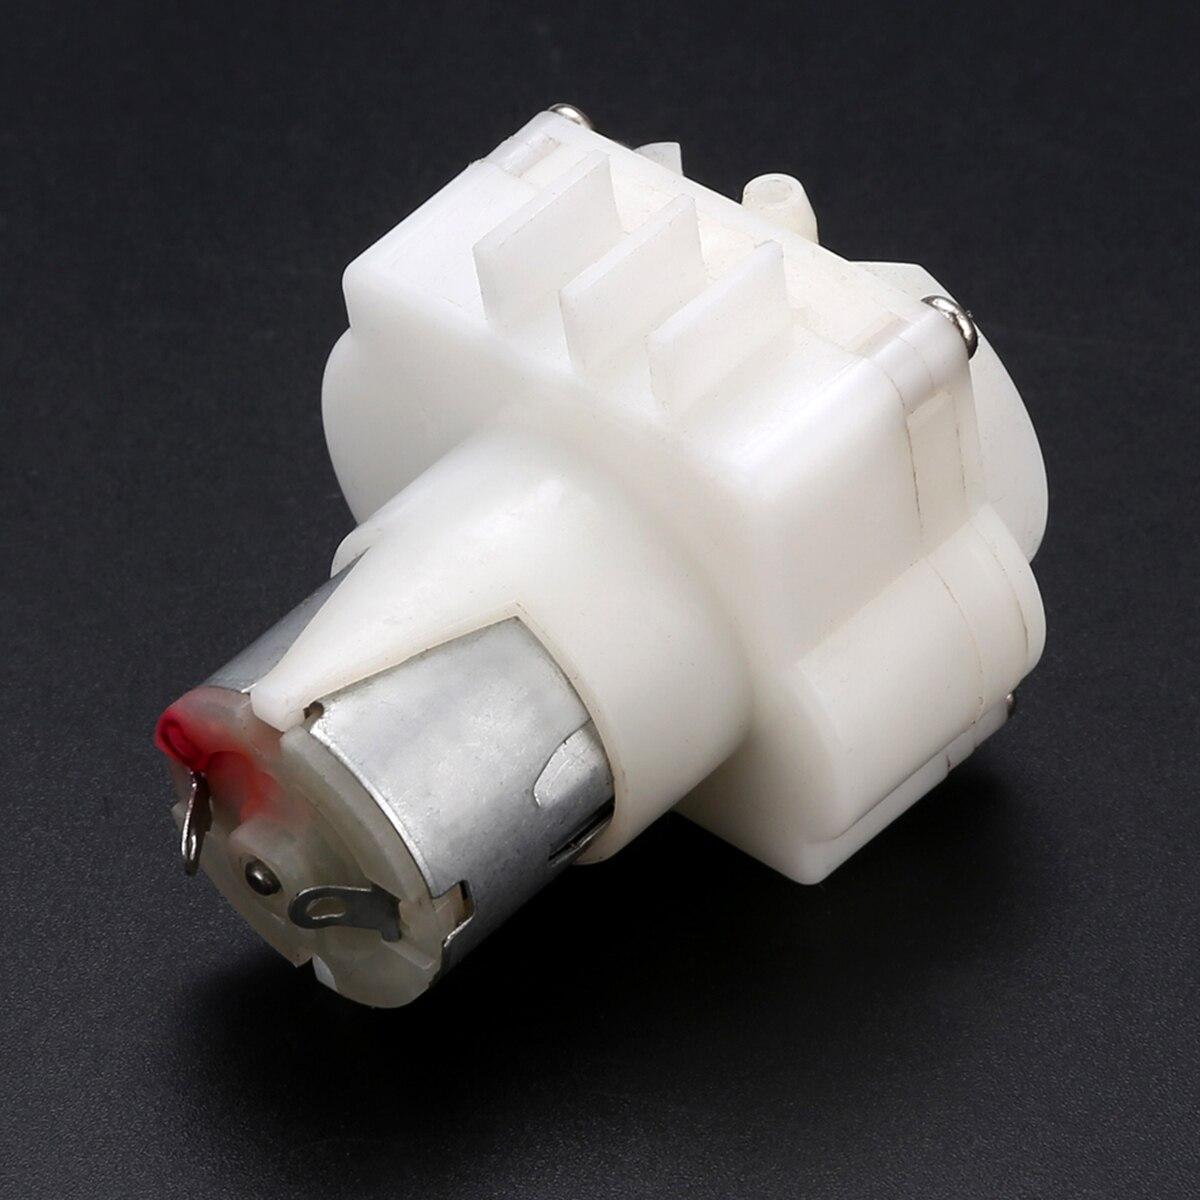 Мини насос Мотор DC 3,7 в-6 в 5 в микро самовсасывающие погружные водяные насосы низкий уровень шума масляный насос + 1 м мягкий шланг трубы